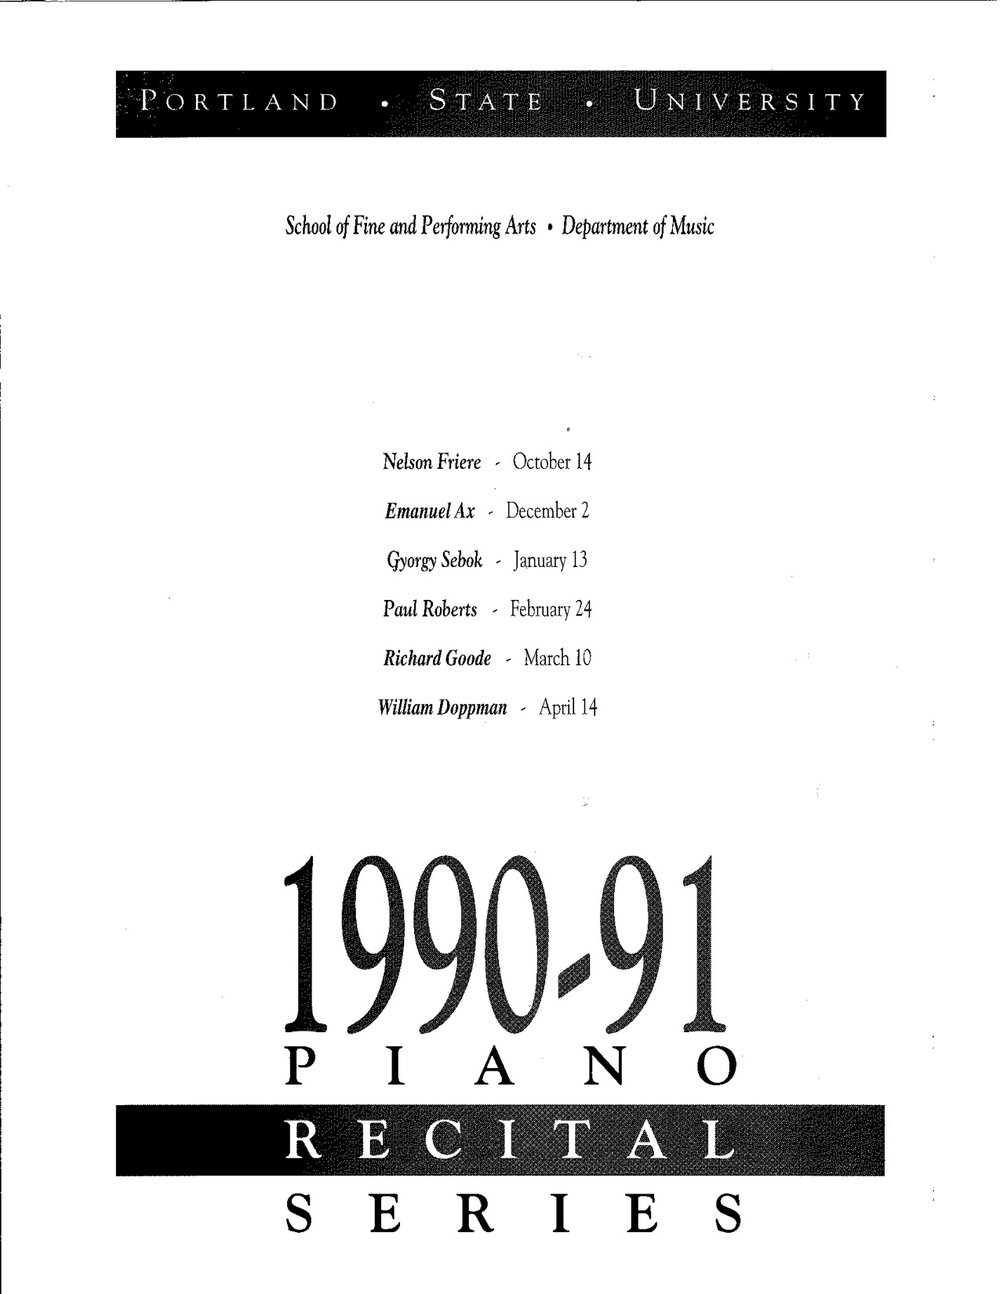 Freire90-91_Program.jpg